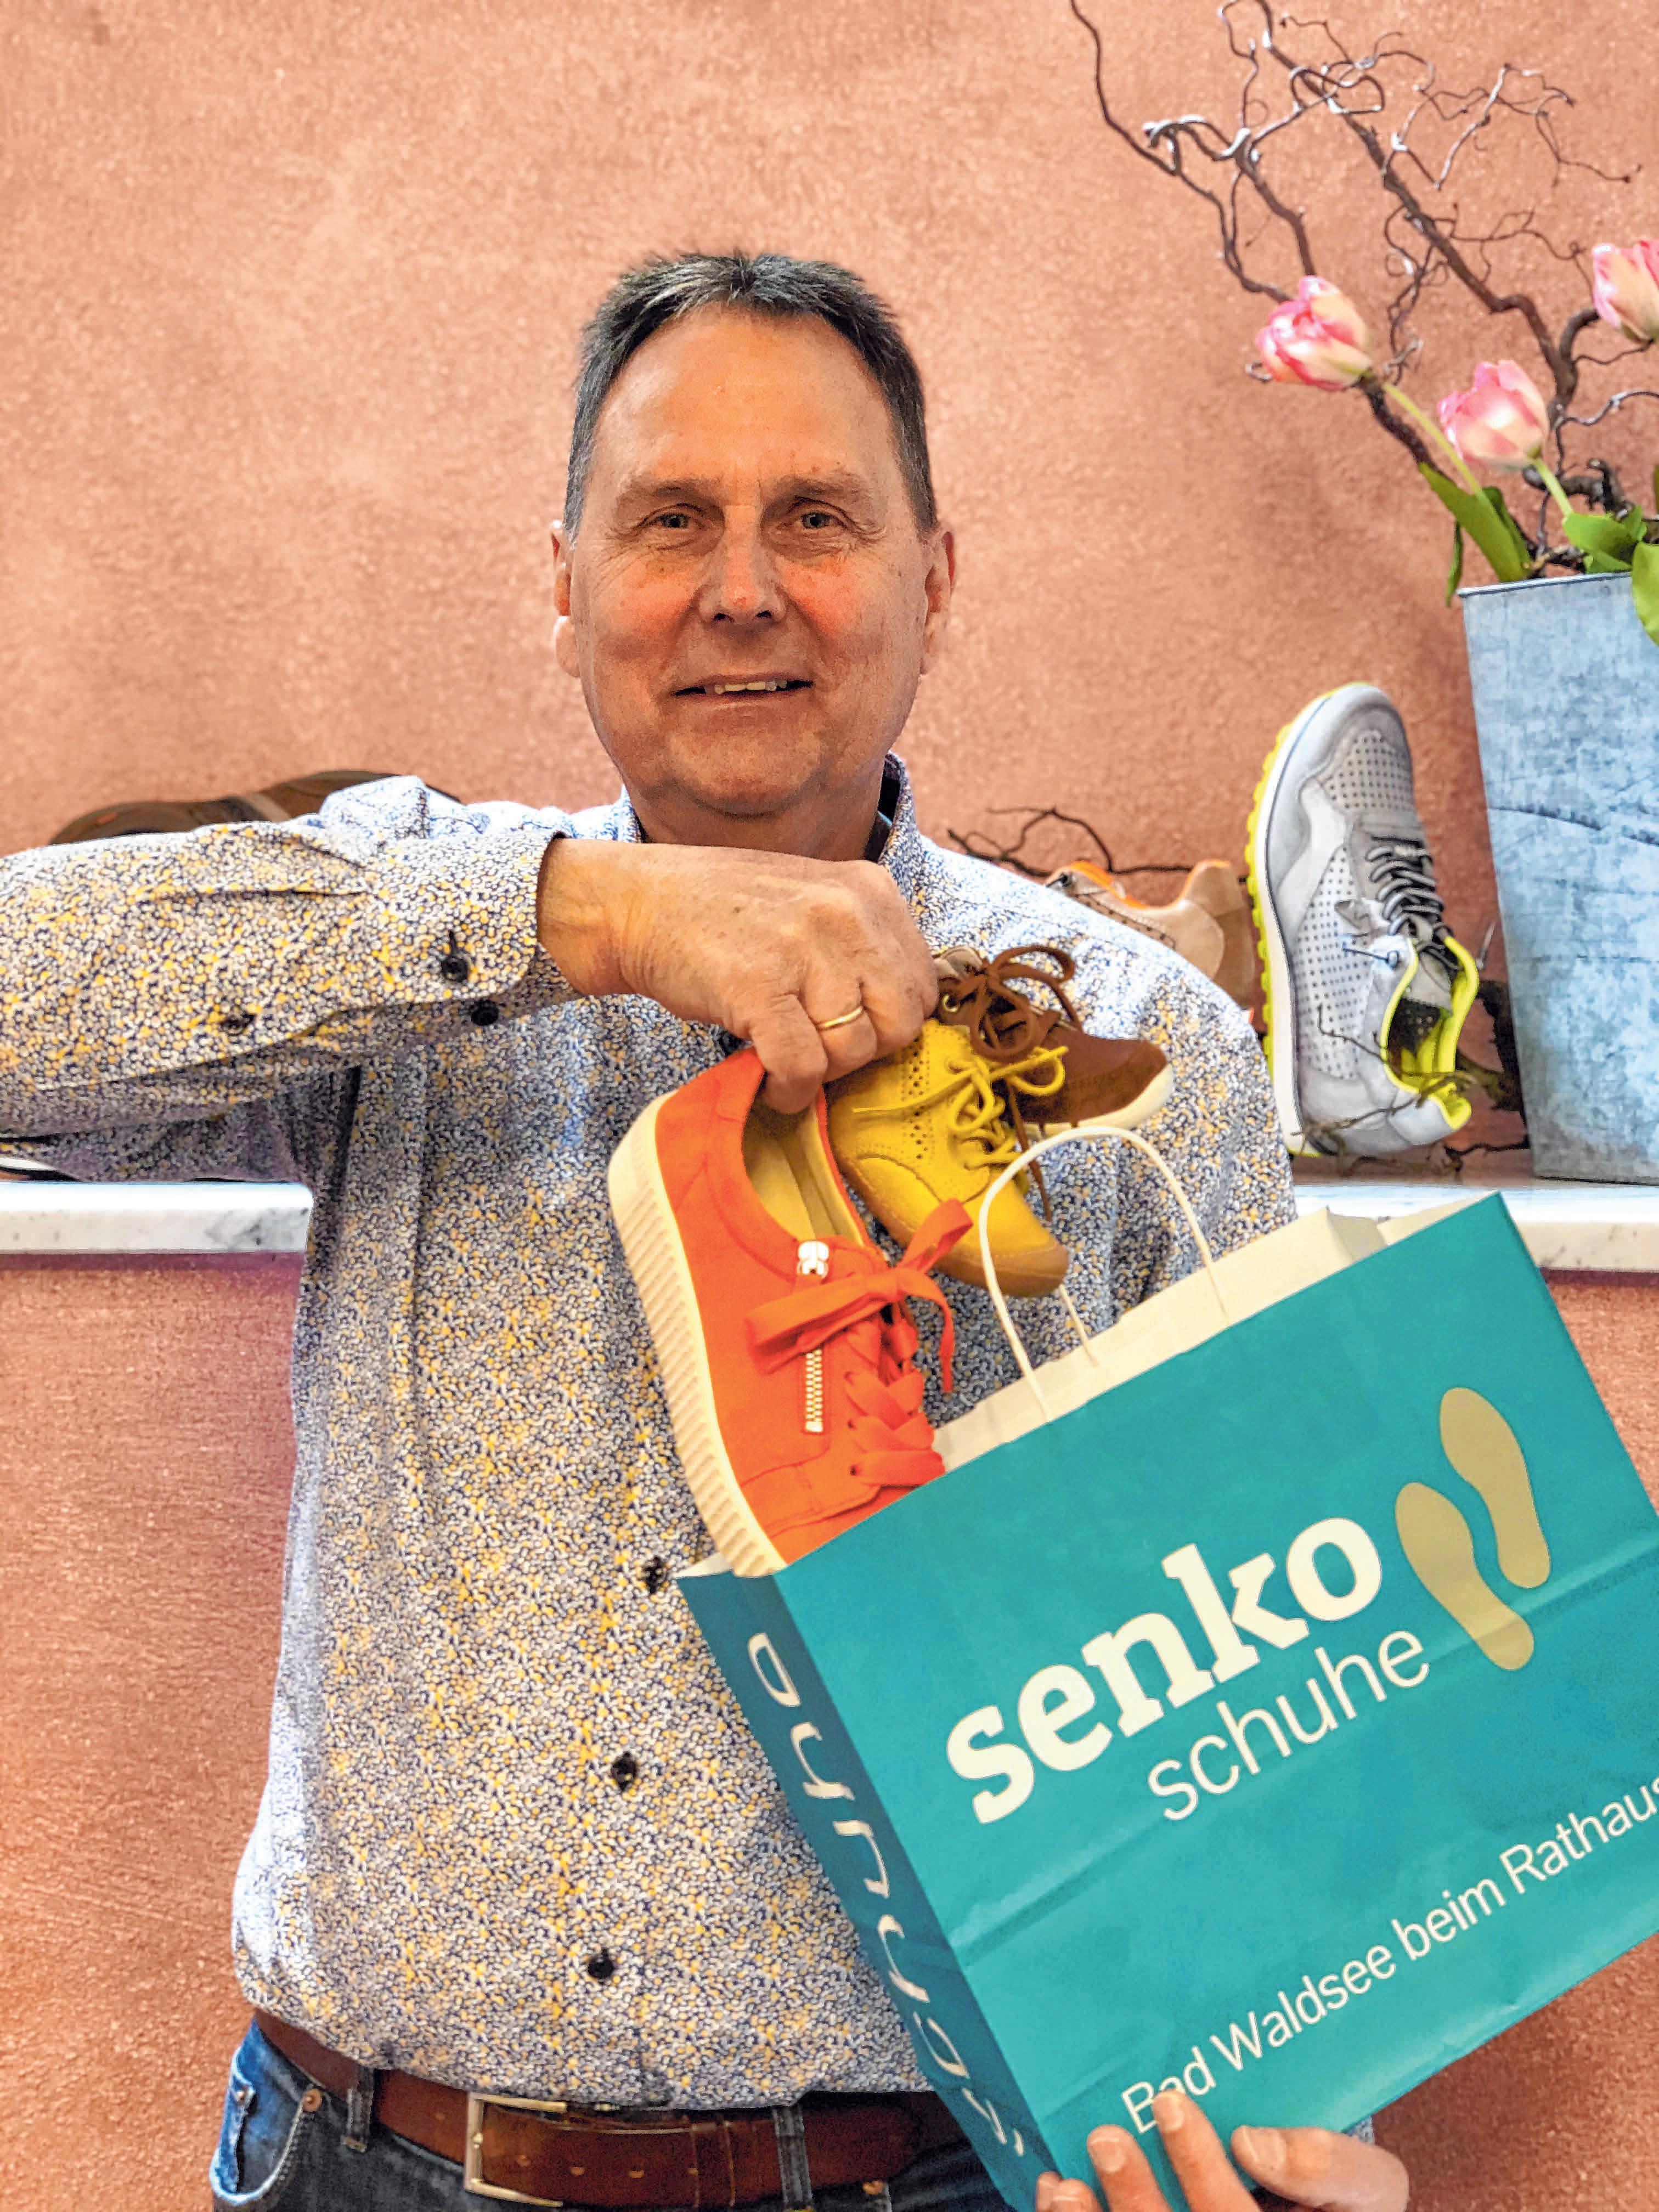 Senko Schuhe liefert auch aus. Foto: Senko